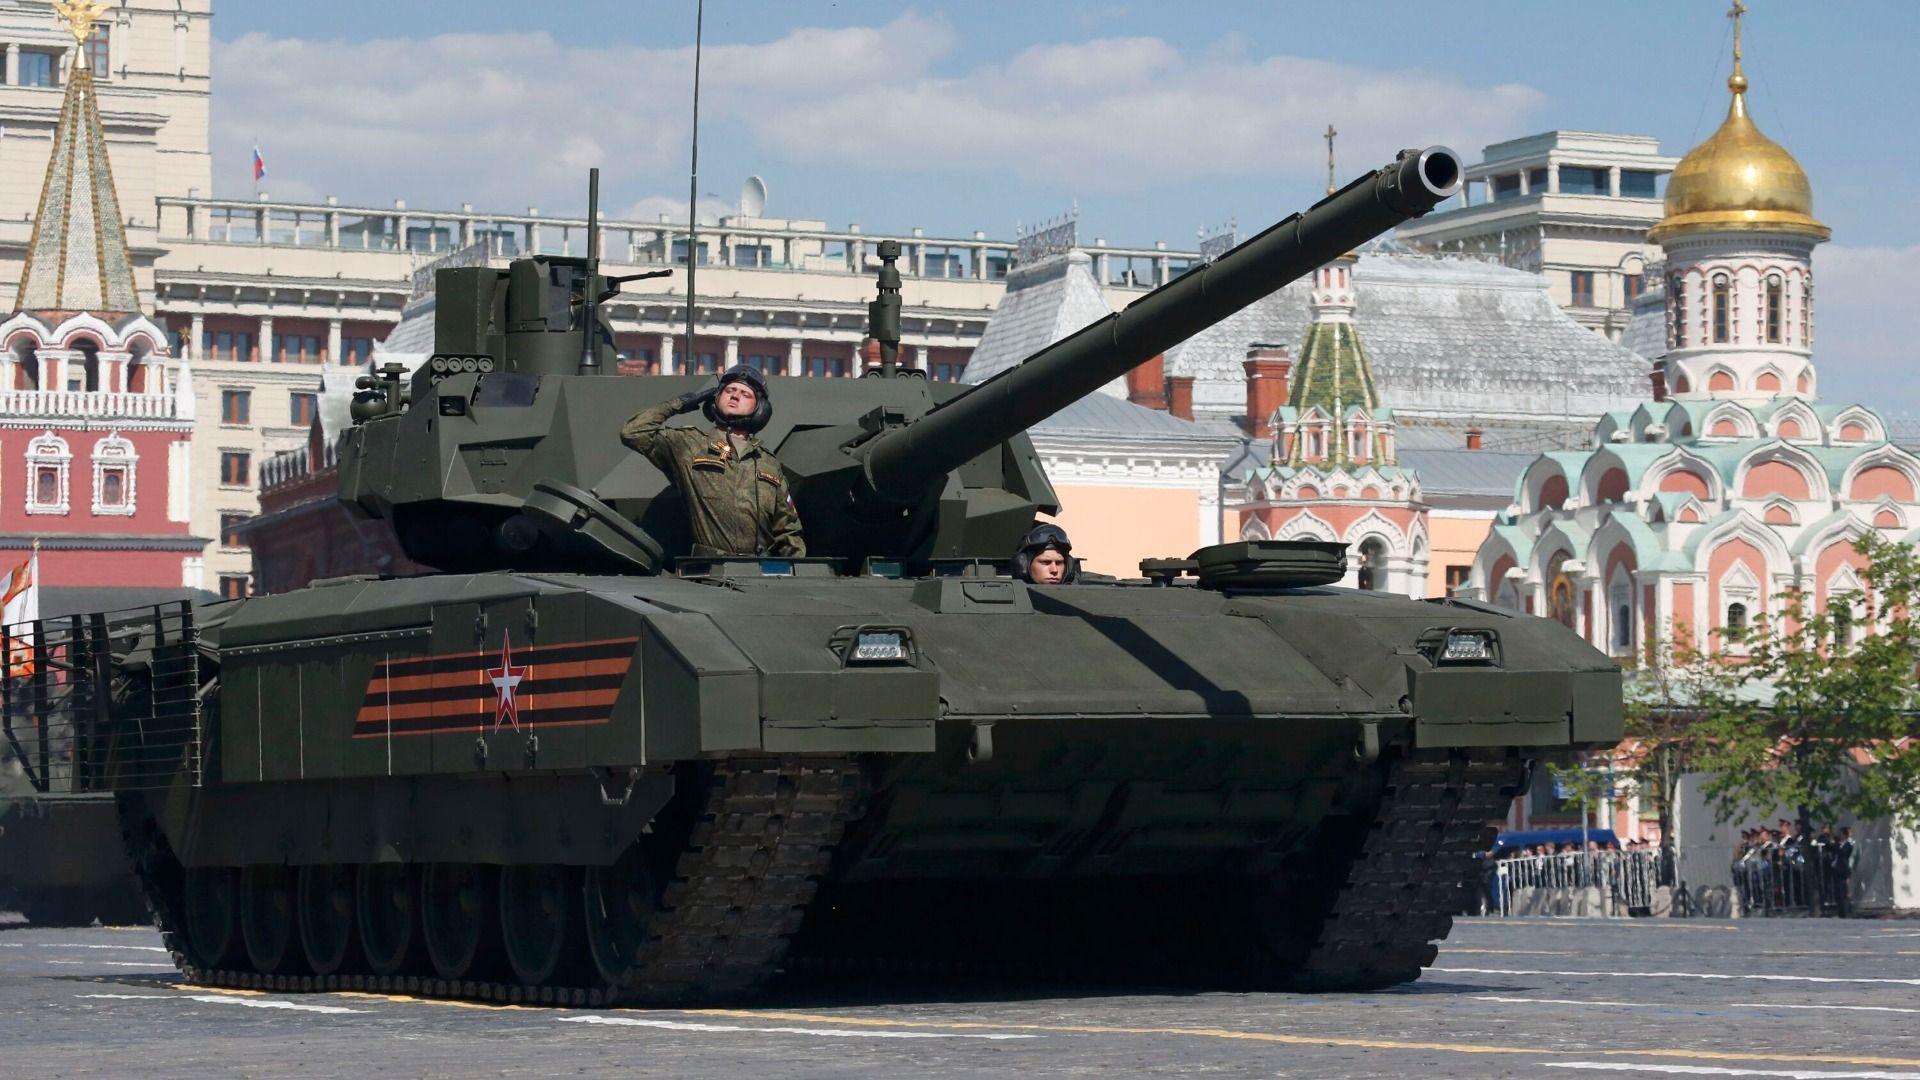 英国識者、ロシアの自律型戦車の開発に懸念を表明「数分で都市を徹底的に破壊する」(佐藤仁) - 個人 - Yahoo!ニュース